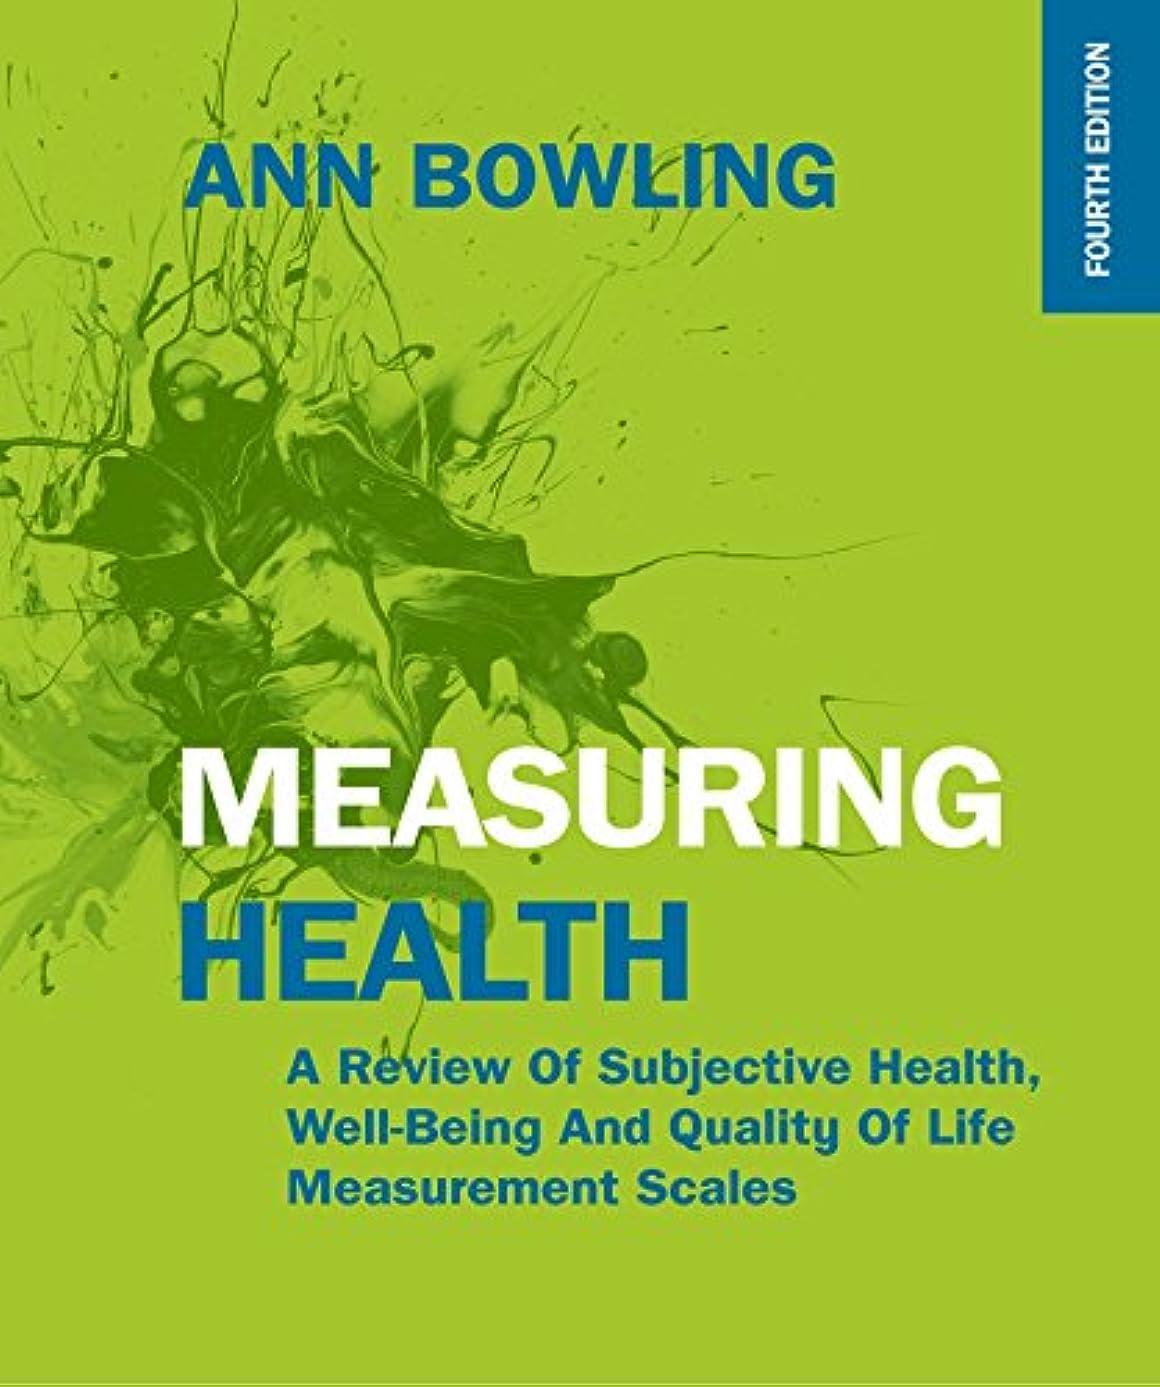 ラフレシアアルノルディ武装解除ラリーベルモントMeasuring Health: A Review of Subjective Health, Well-Being and Quality of Life Measurement Scales (UK Higher Education Humanities & Social Sciences Health & So)